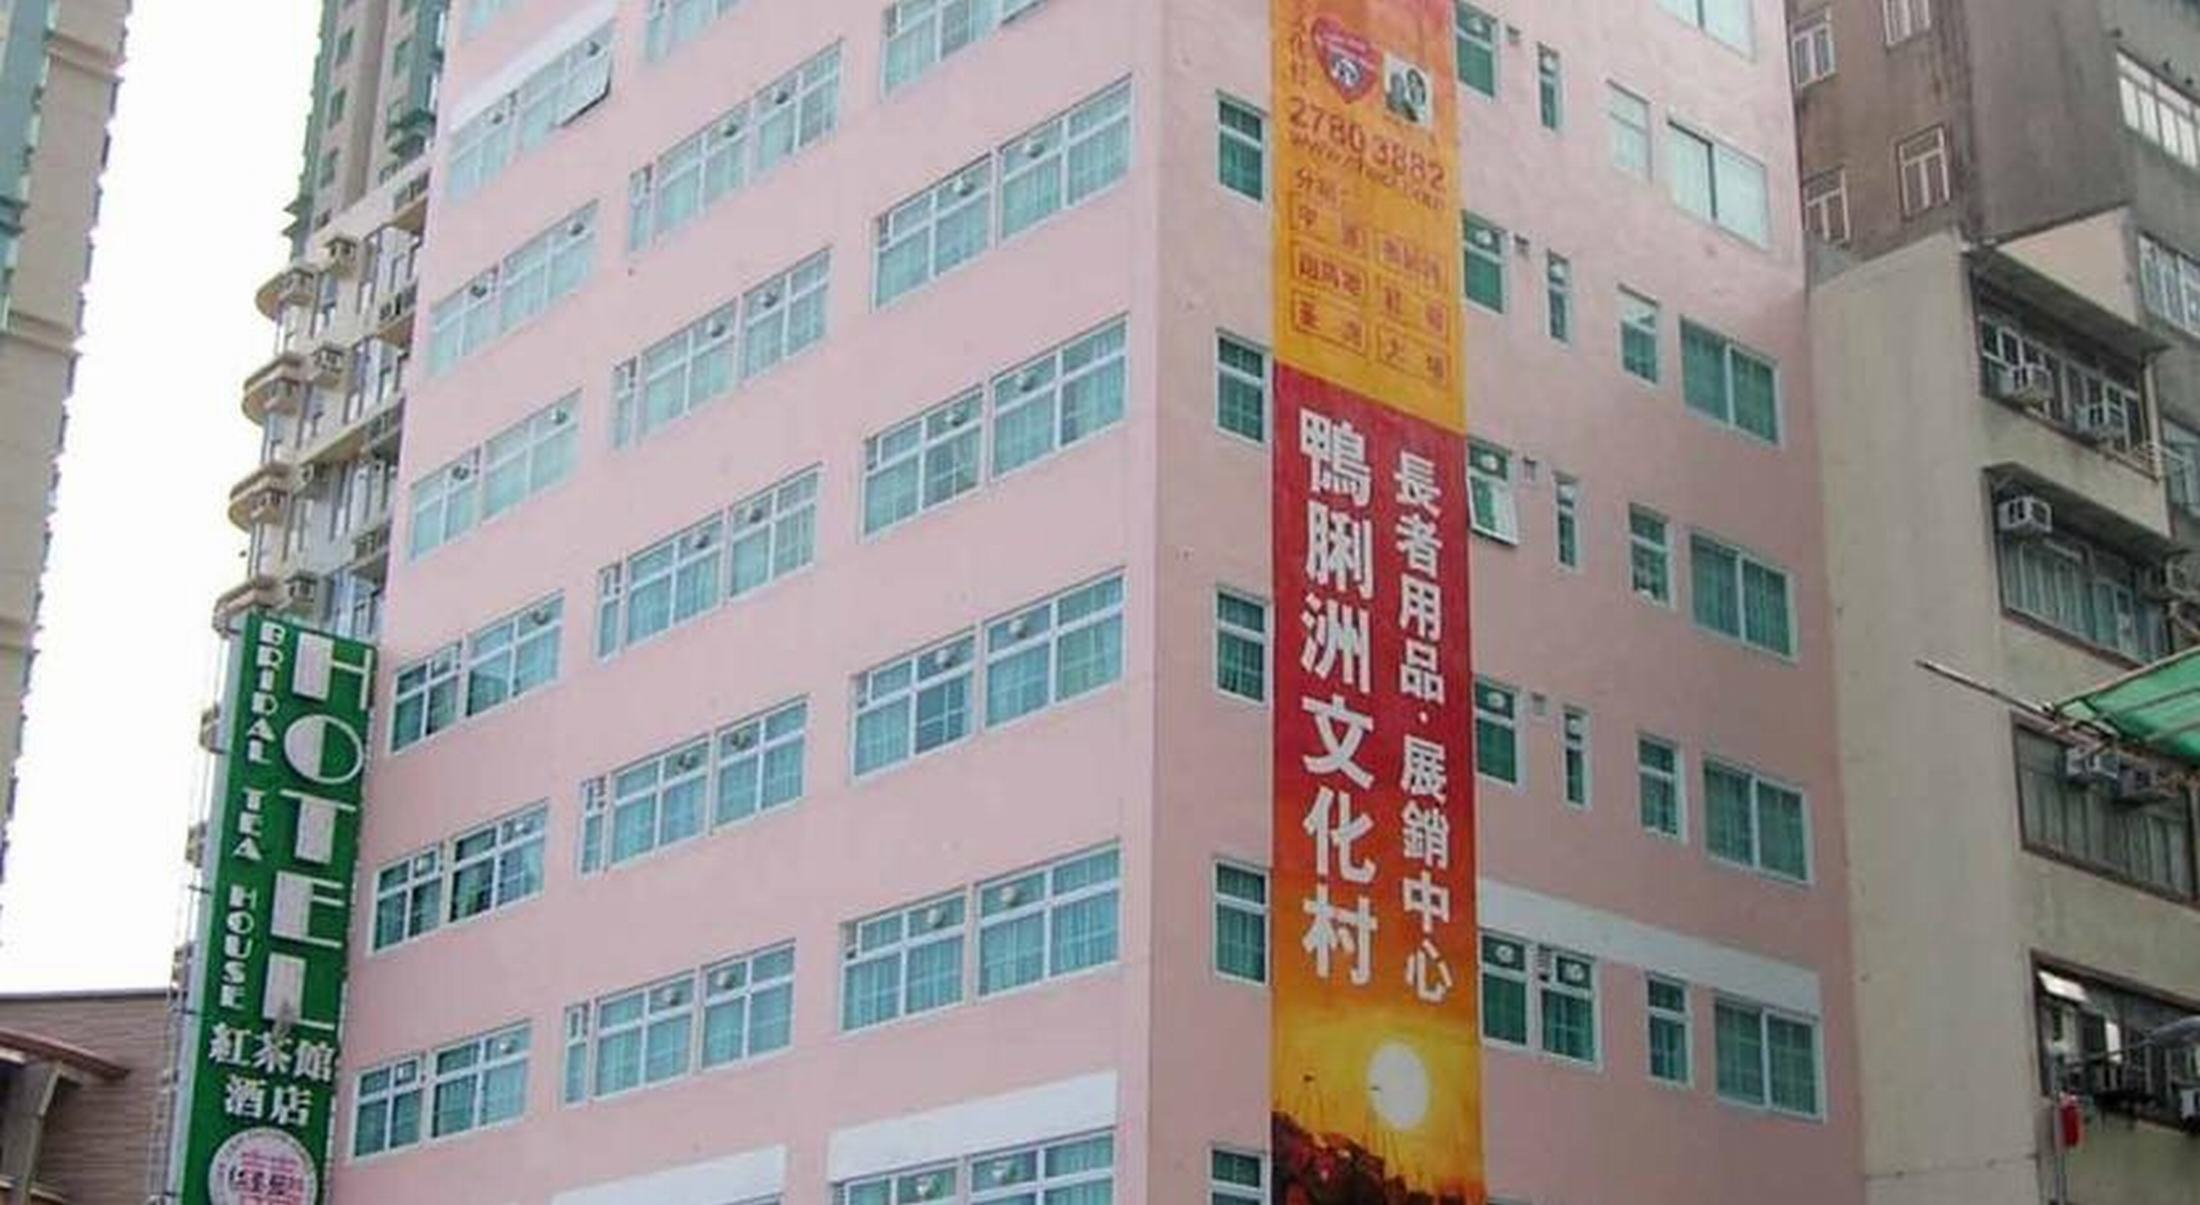 Bridal Tea House To Kwa Wan, Kowloon City